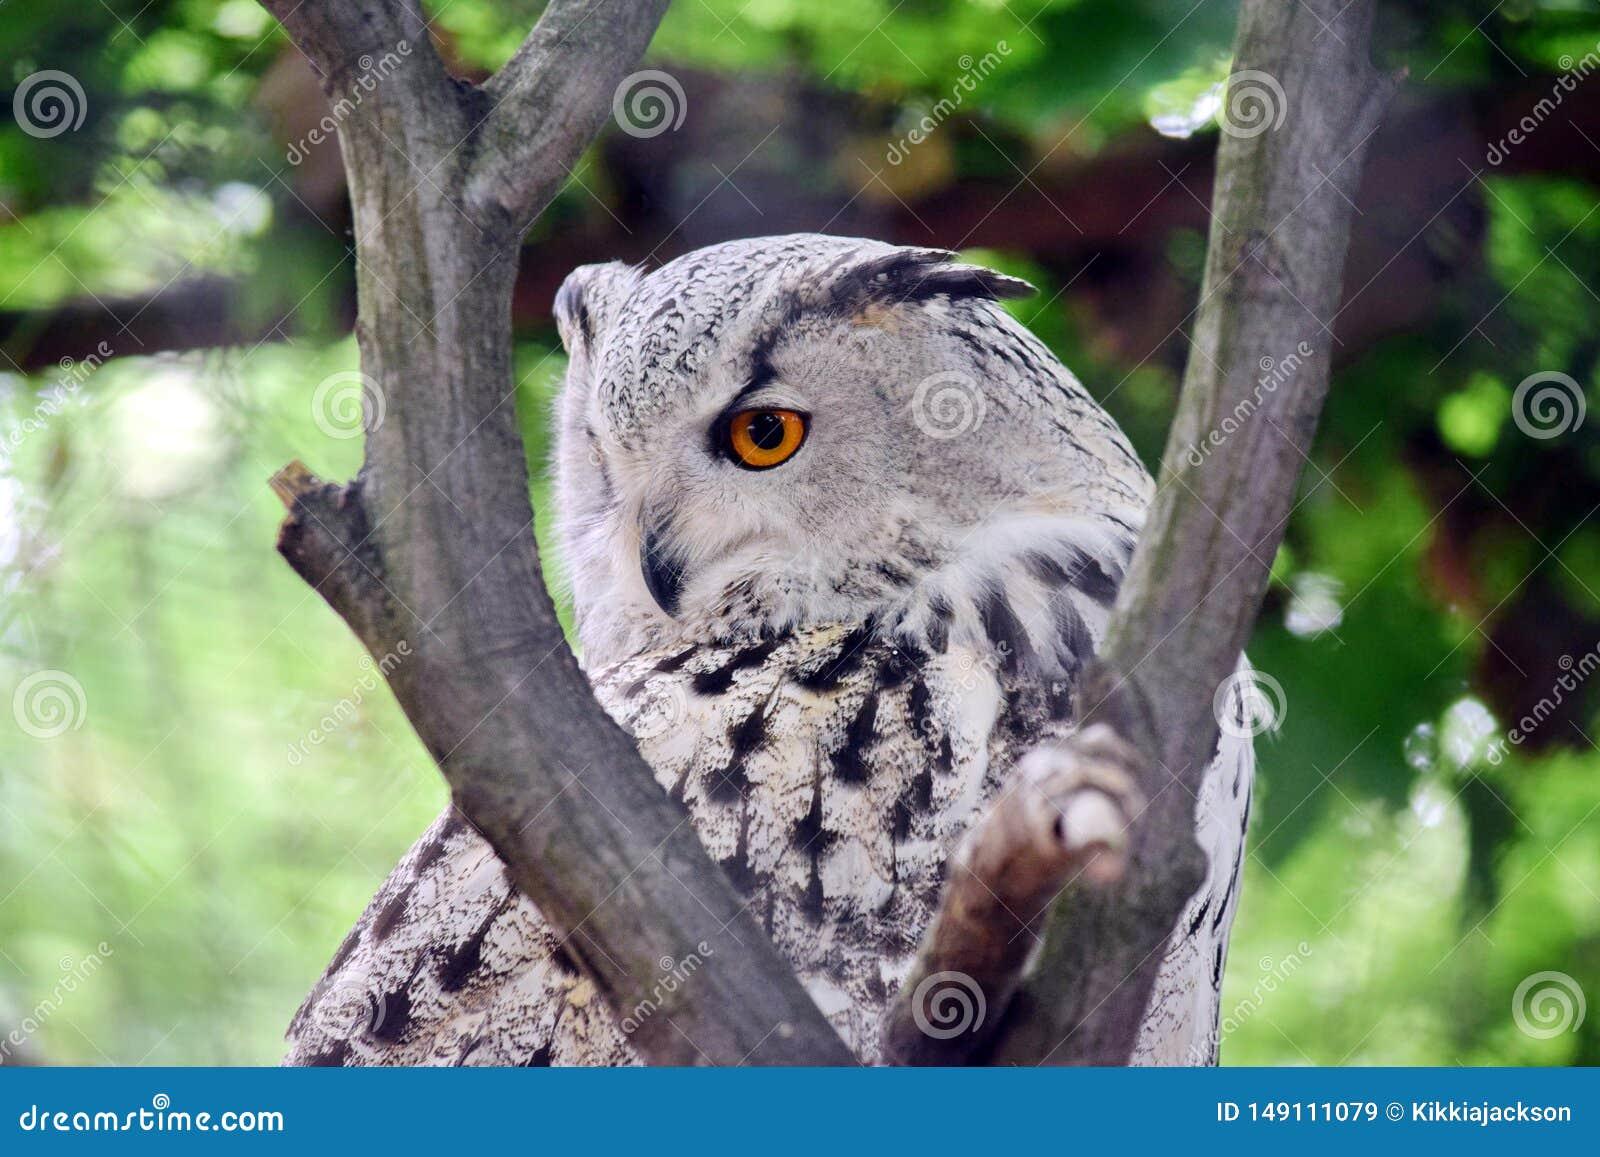 在树的西伯利亚猫头鹰腹股沟淋巴肿块腹股沟淋巴肿块Sibiricus